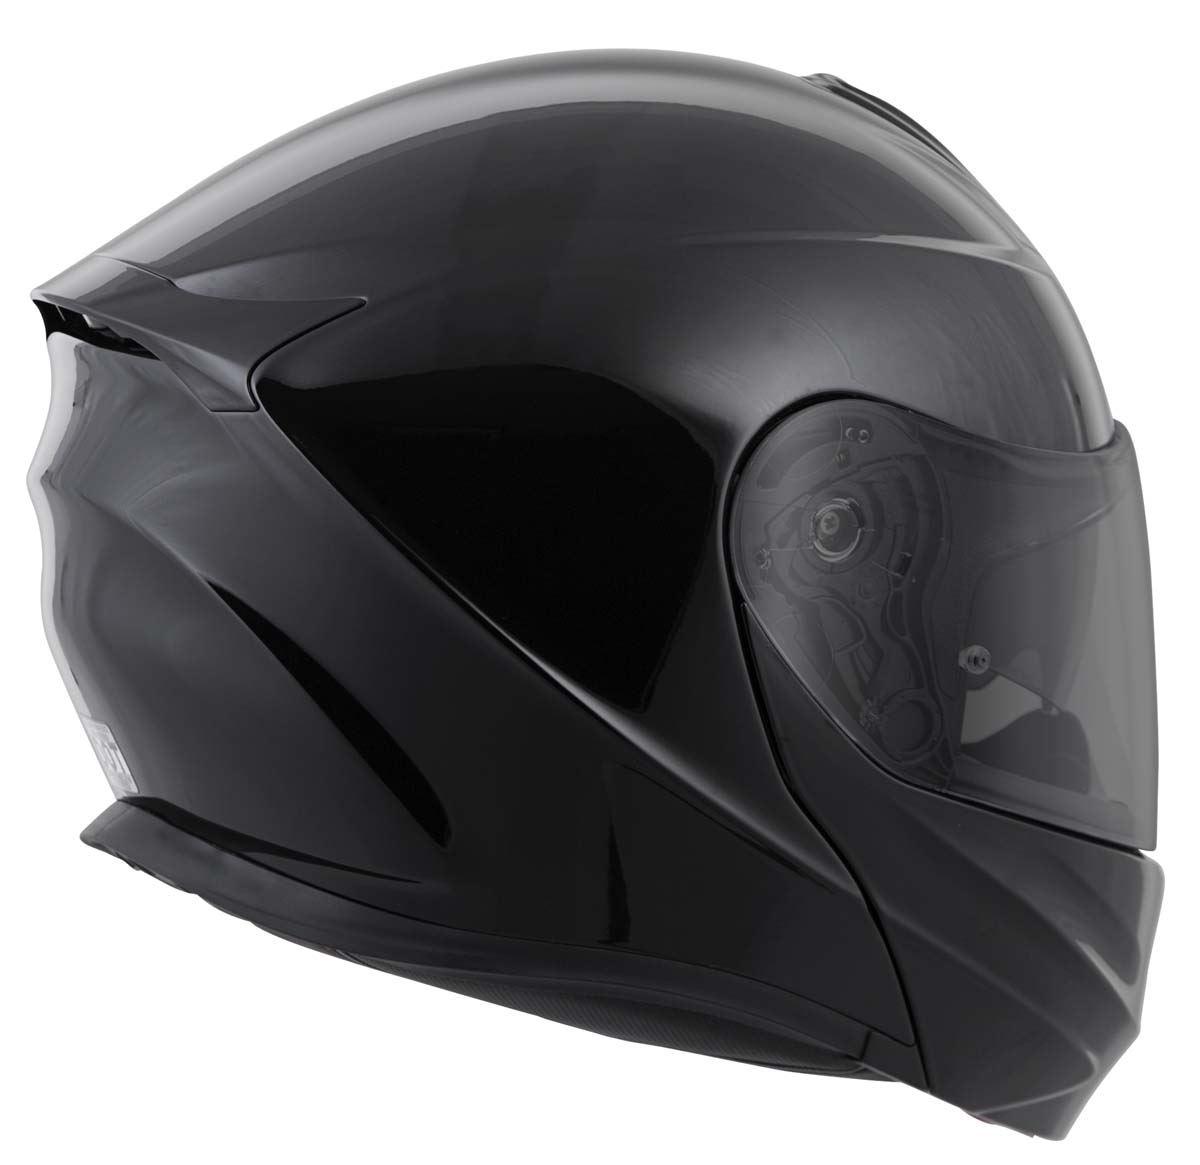 Scorpion-EXO-GT920-Helmet-Sport-Touring-Modular-Flip-Up-DOT-Approved-XS-3XL miniature 10